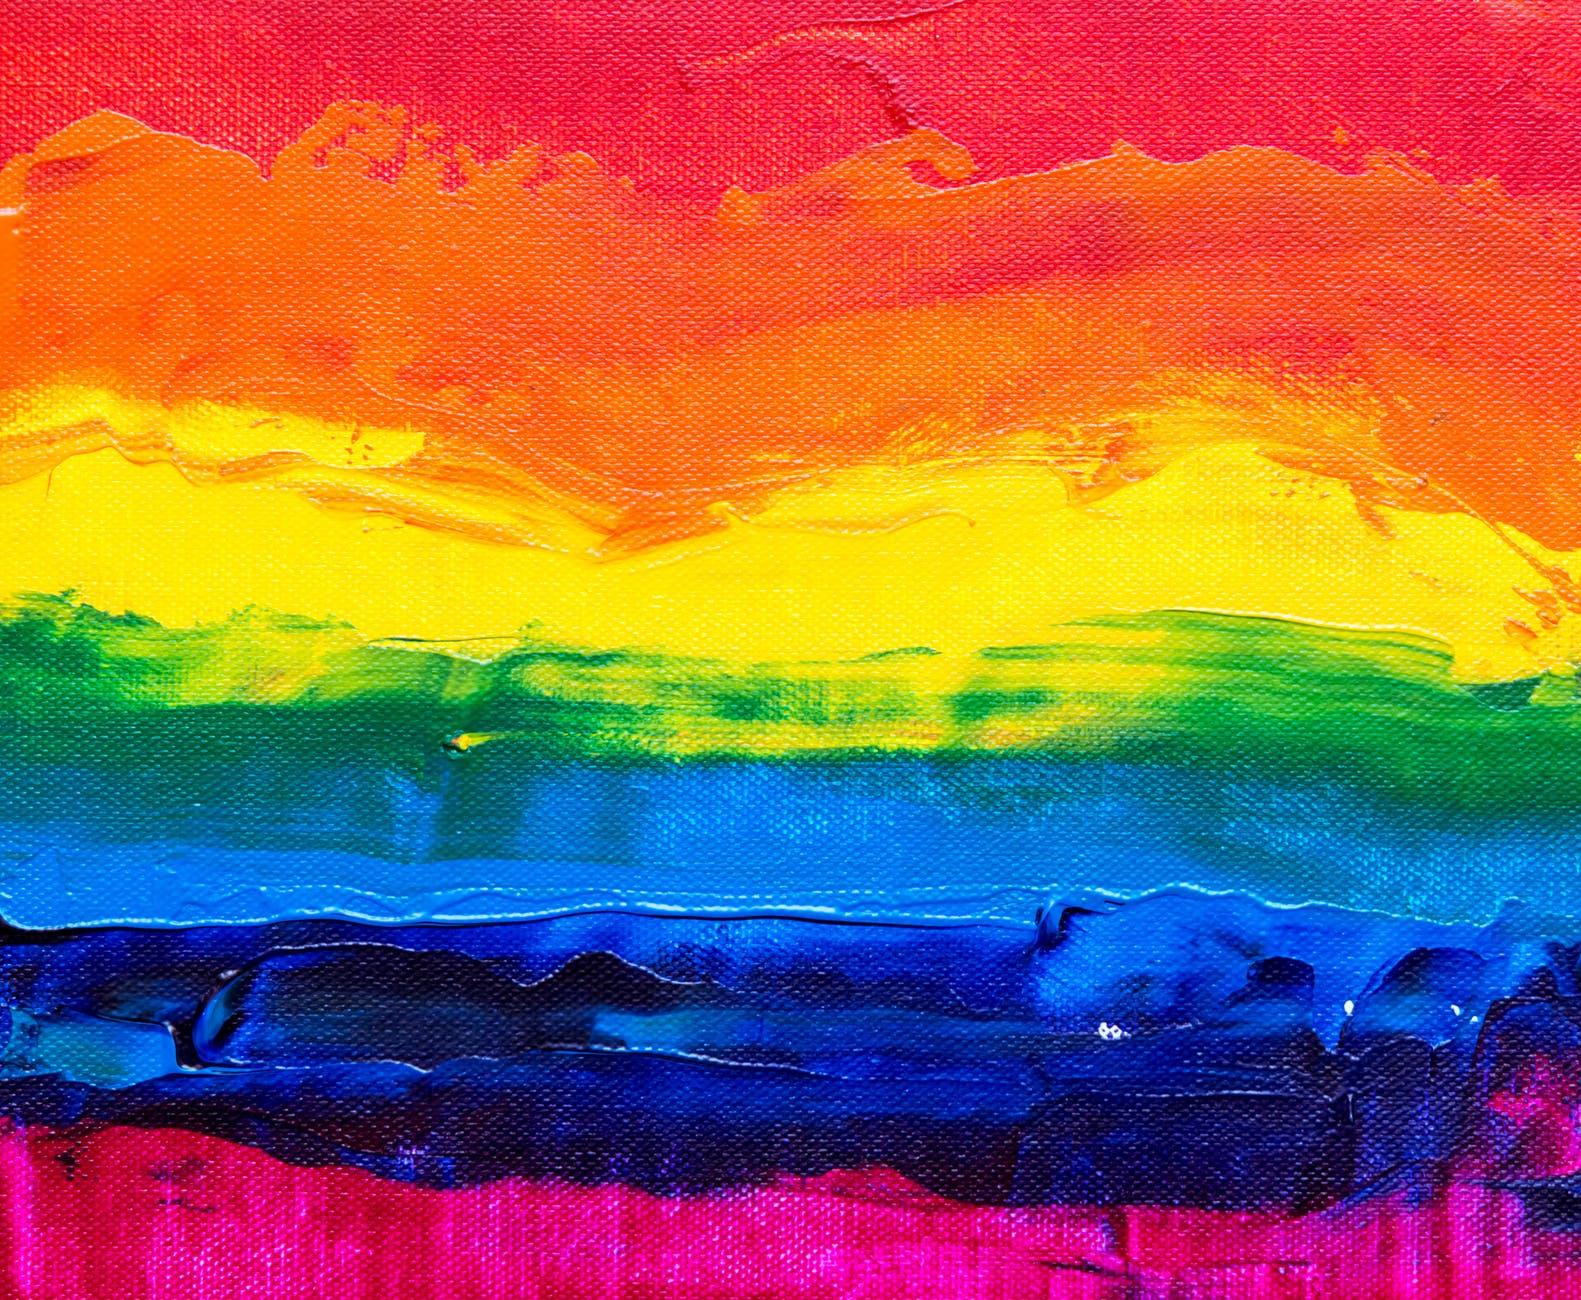 Painting of rainbow pride flag